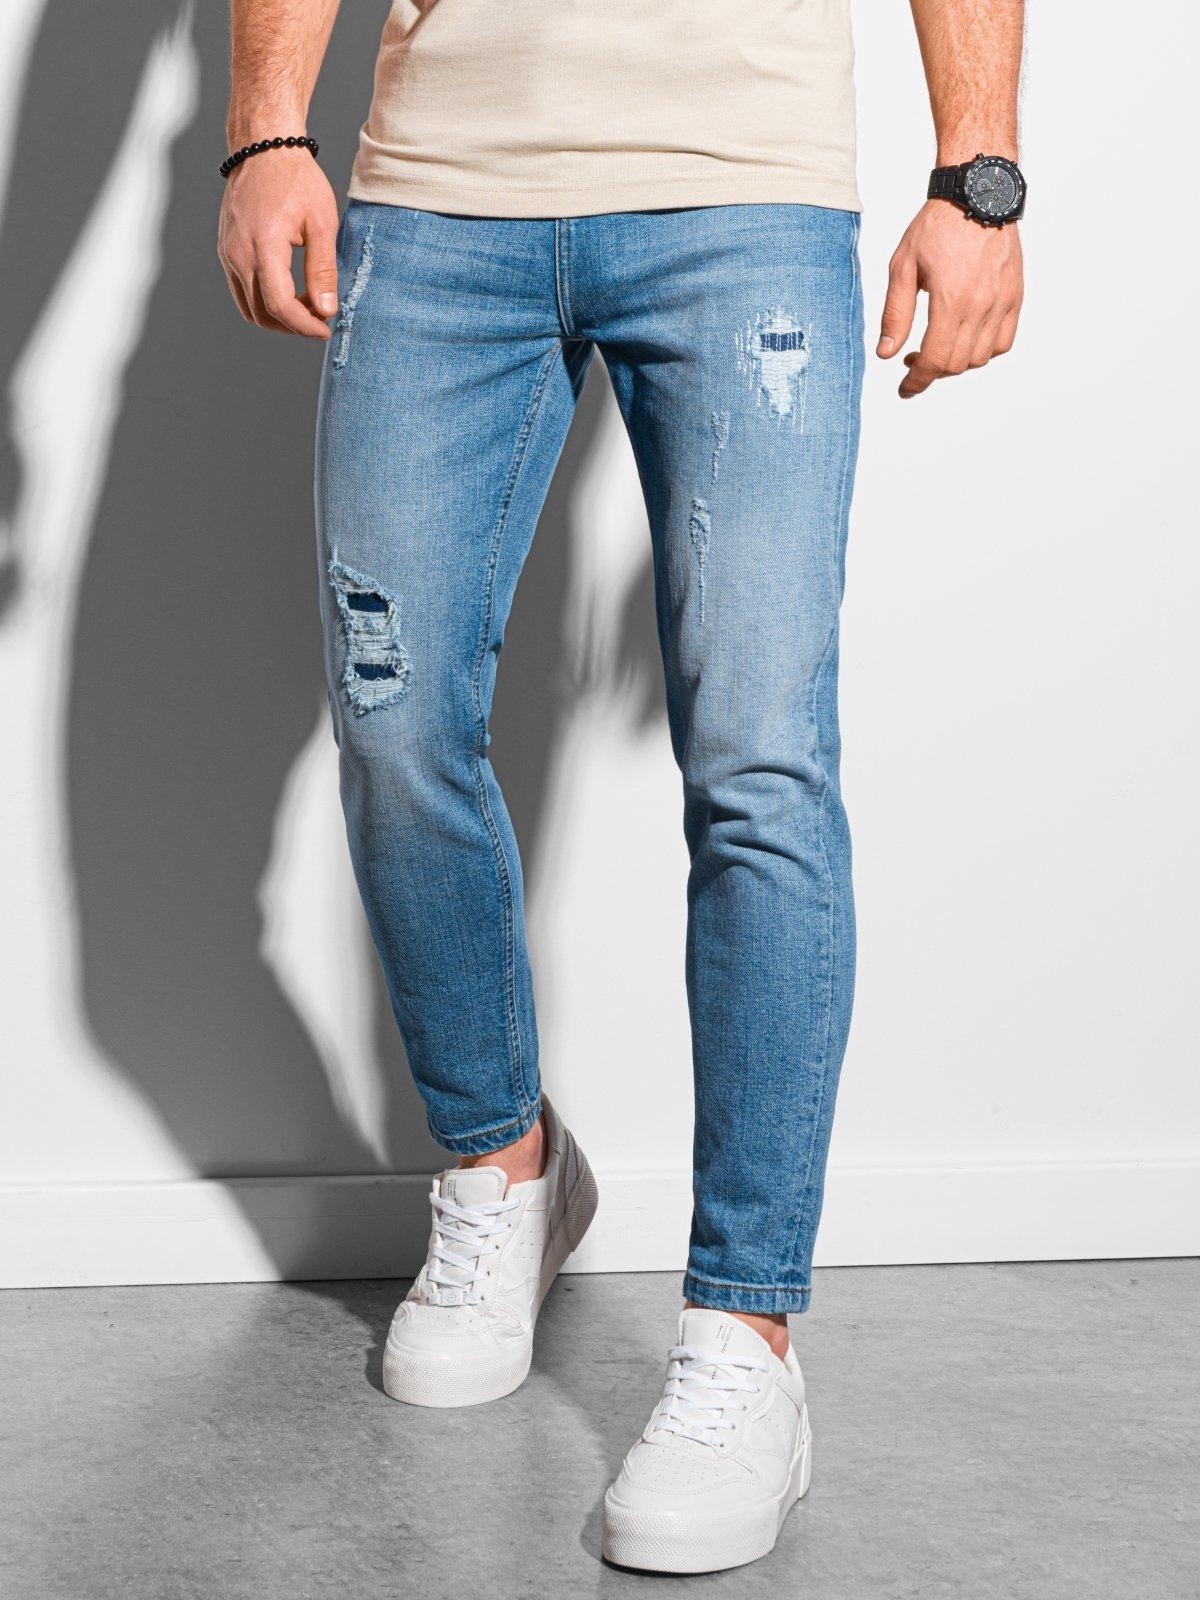 Pánské riflové kalhoty P938 - modra